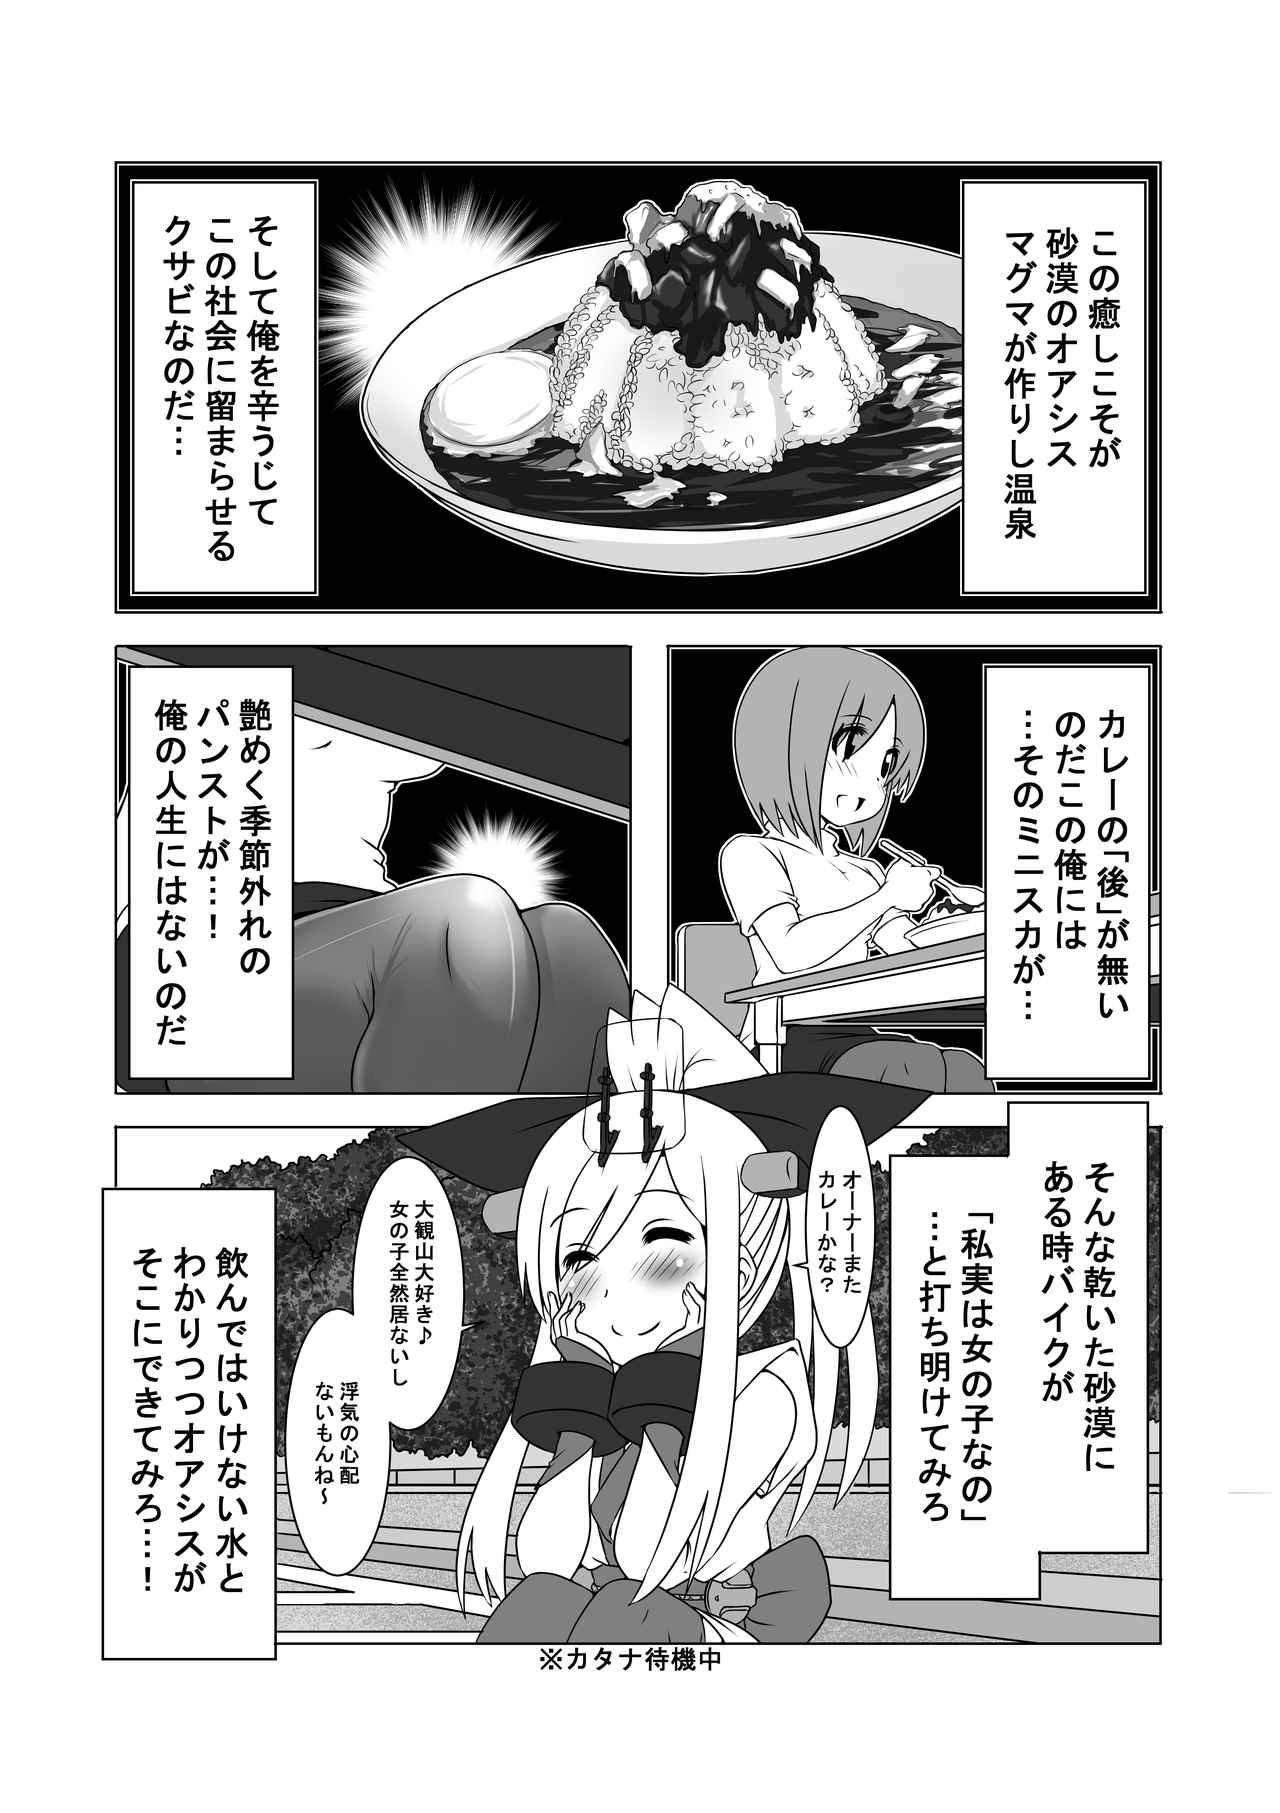 画像2: 『バイク擬人化菌書』連載:モテ期!?(第2話 オッサン・ミーツ・ガール!?) 作:鈴木秀吉